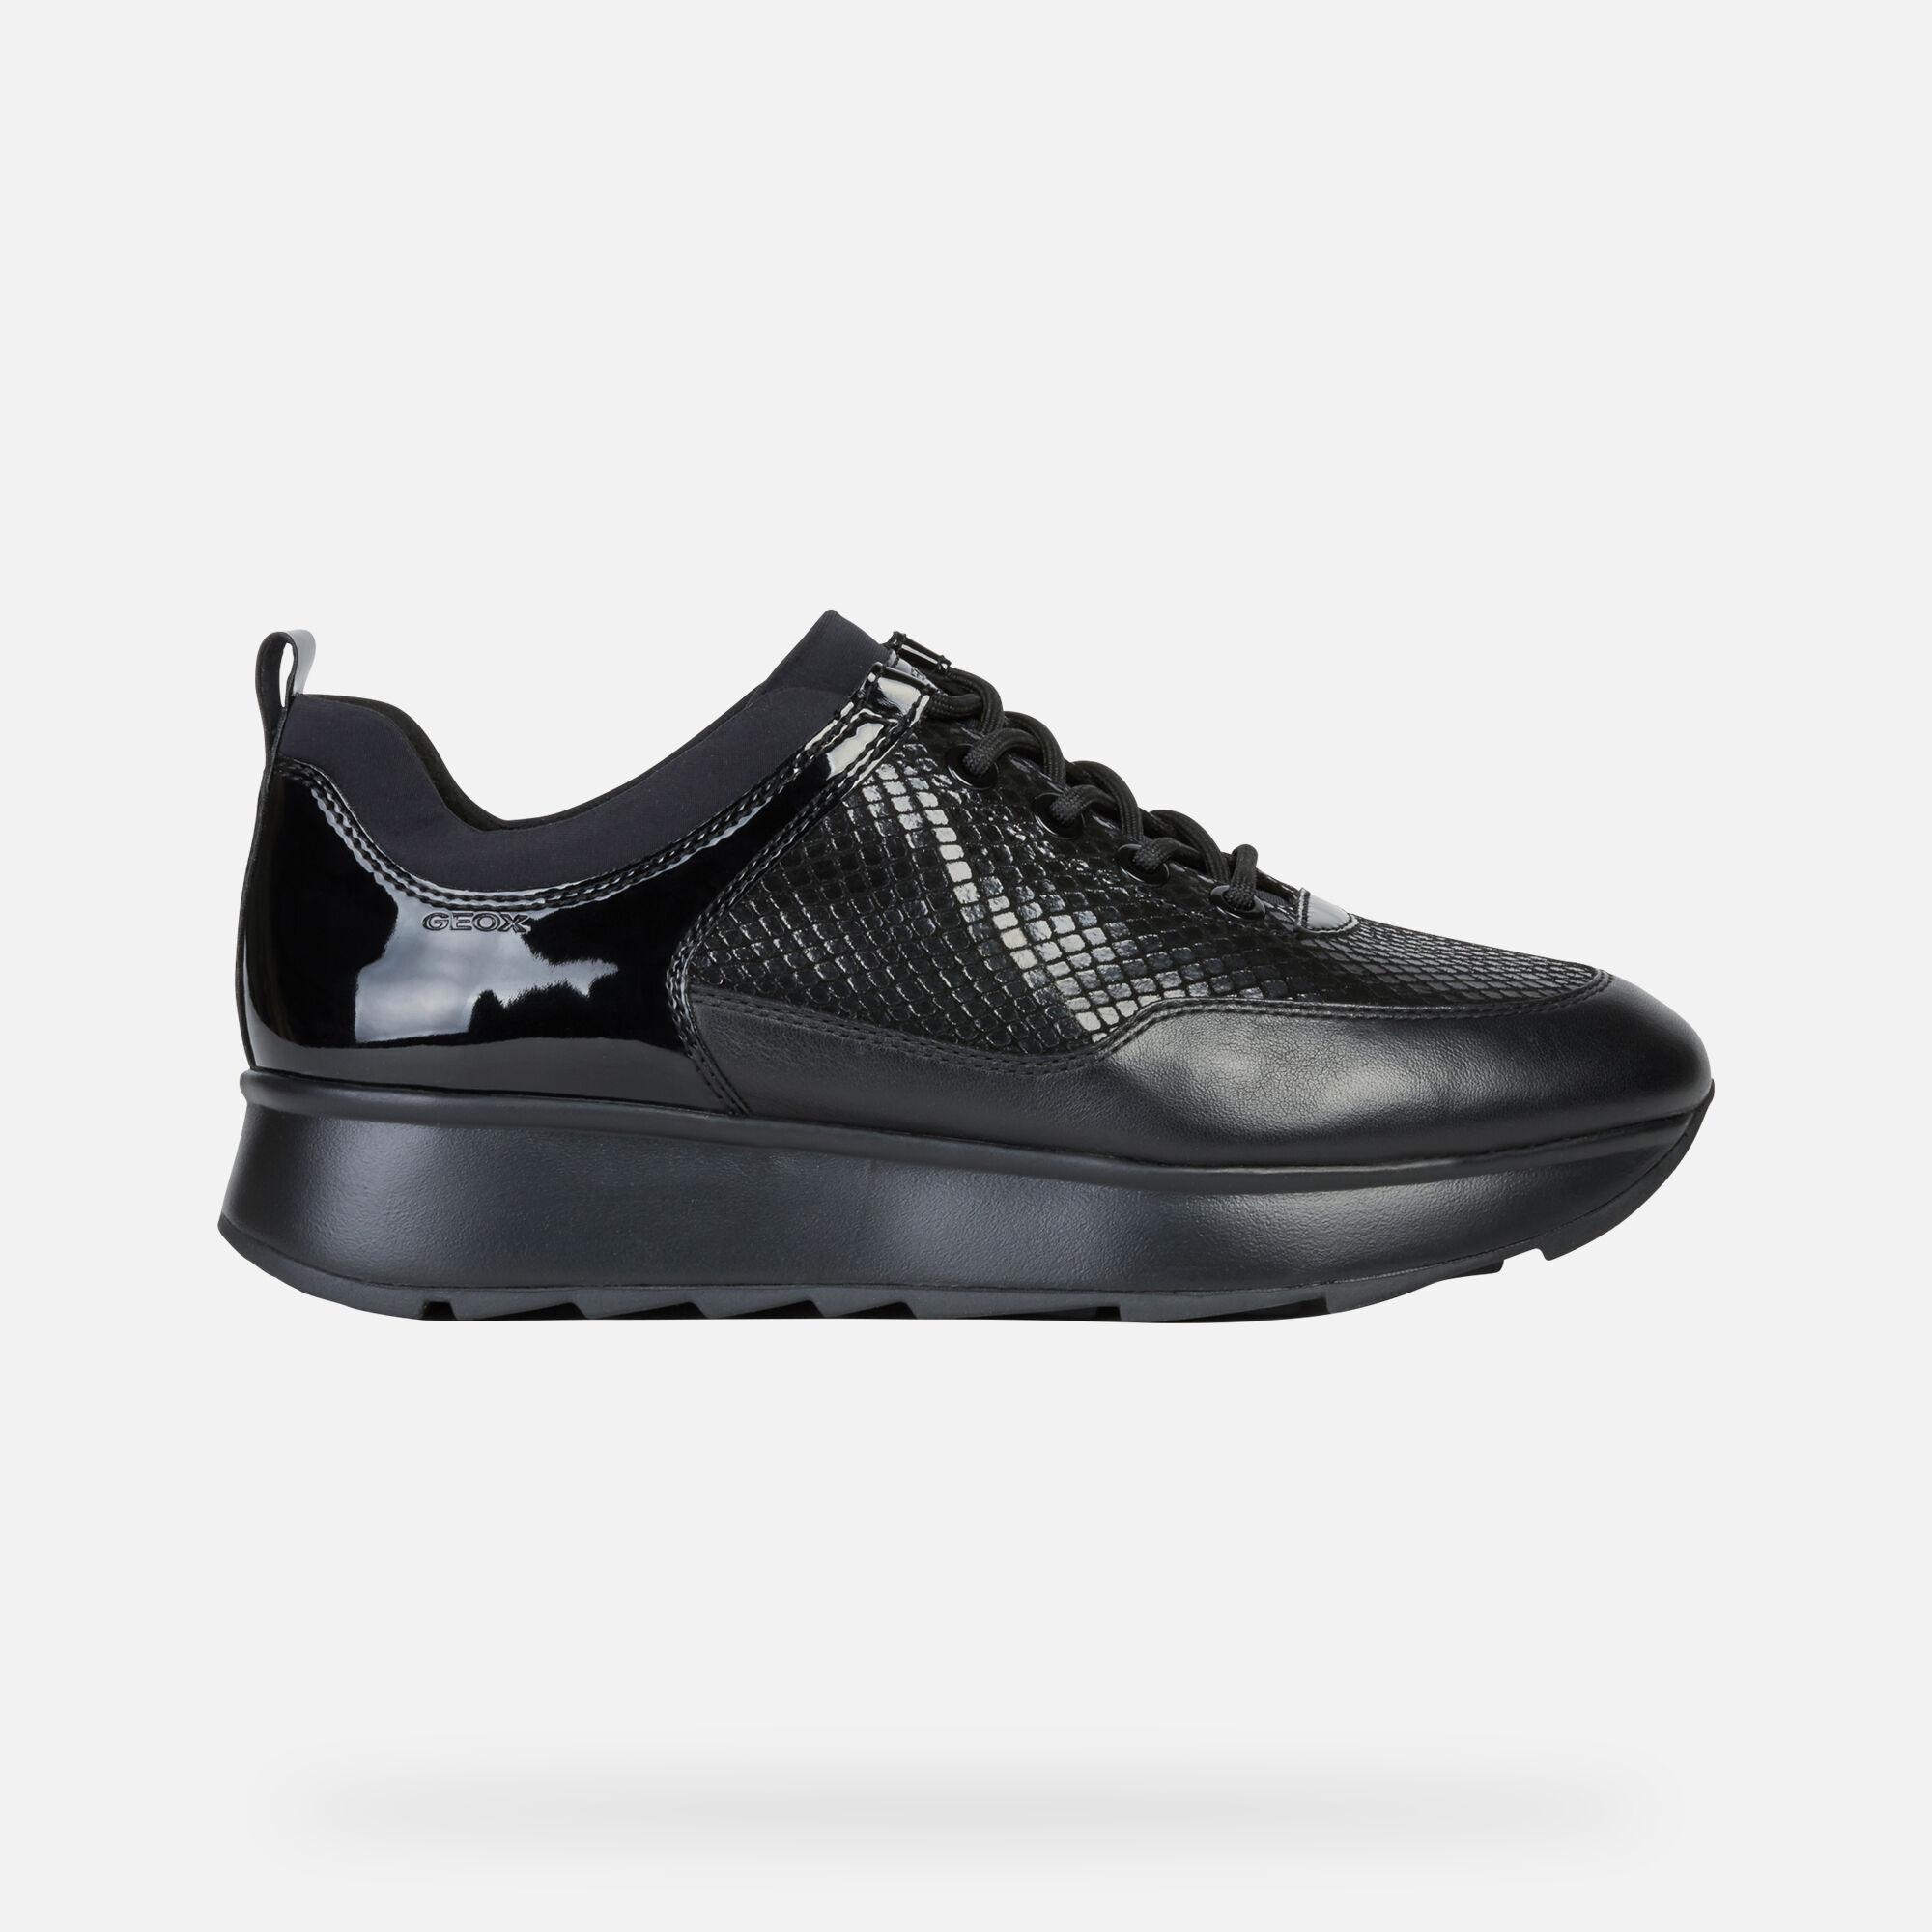 Geox GENDRY Frau: schwarze Sneakers Low | Geox ® offizielle